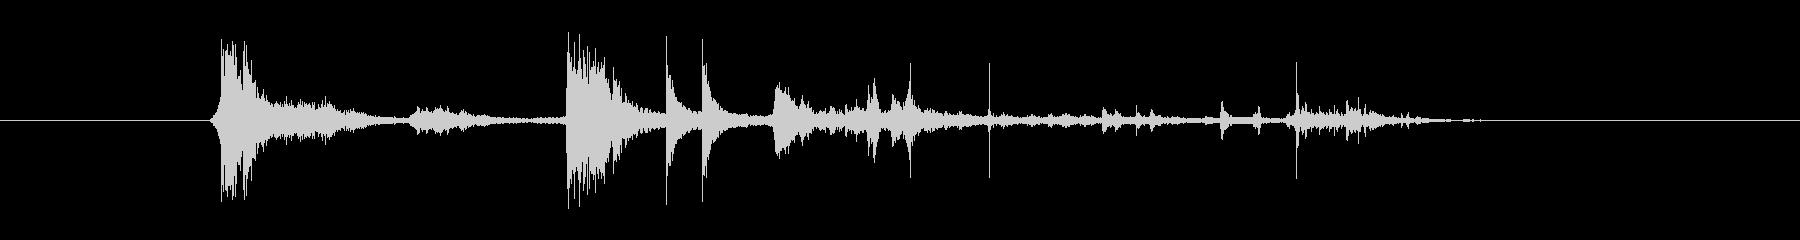 不均一な並列バー:短いシーケンス、...の未再生の波形